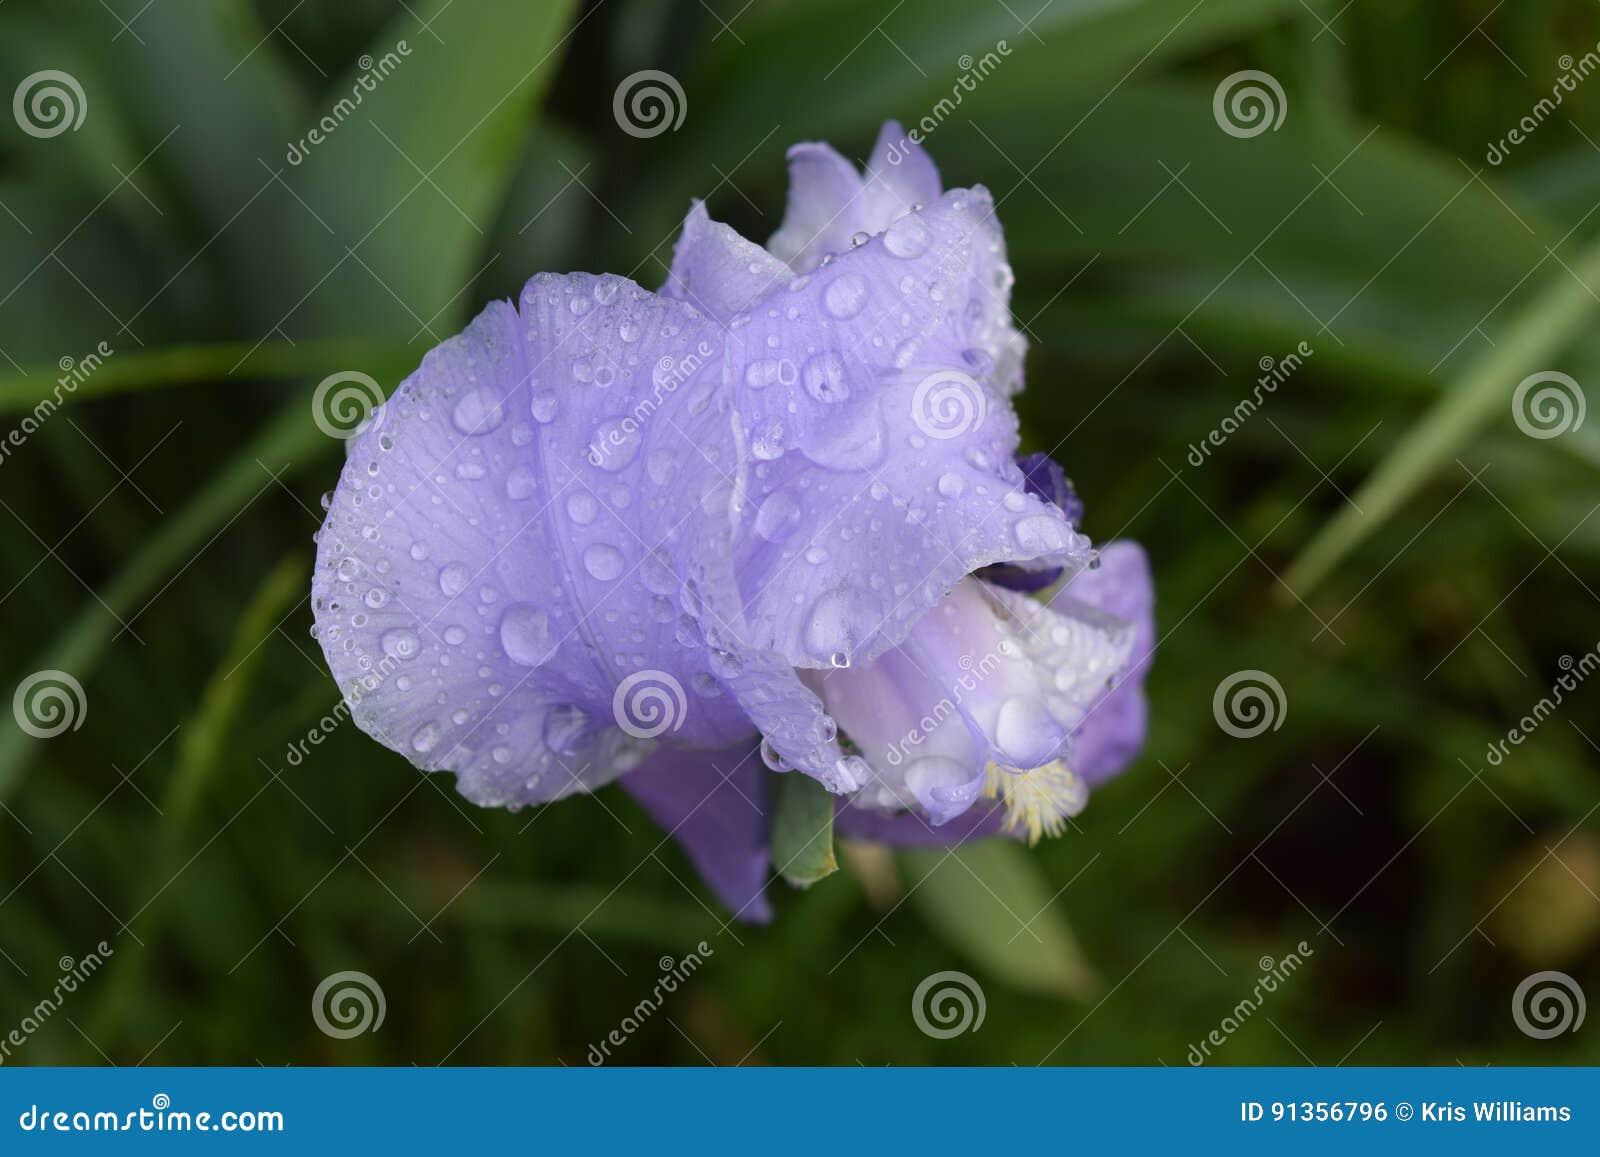 Влажная фиолетовая радужка